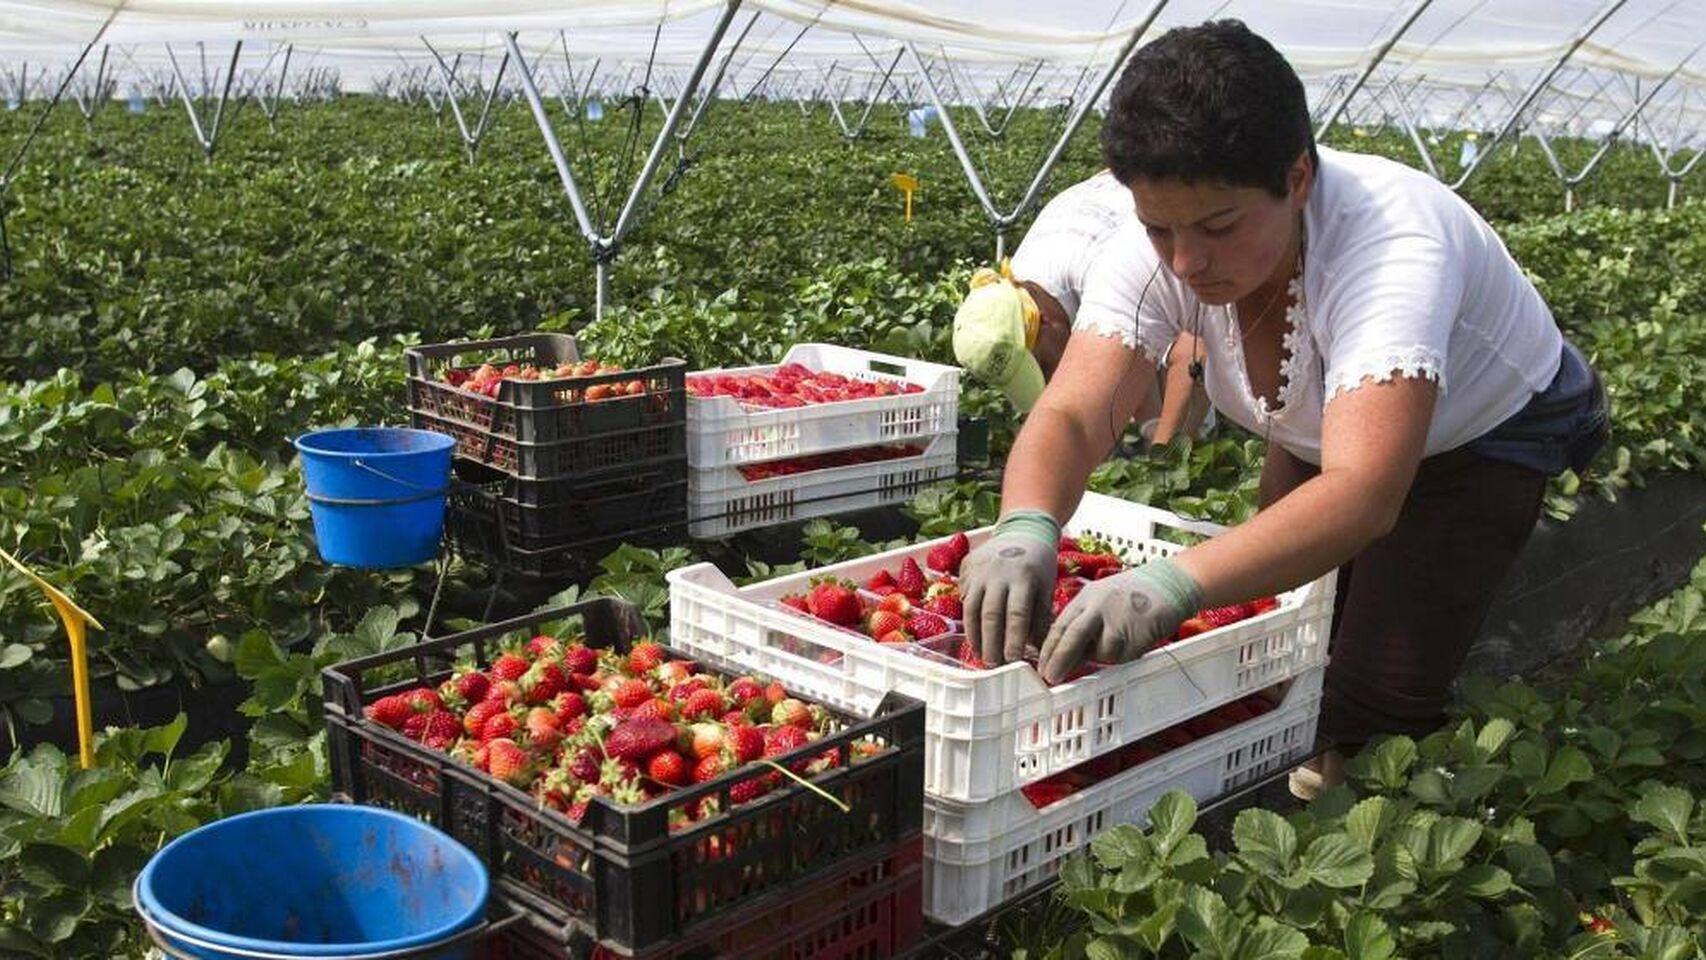 Una mujer recogiendo fresas.